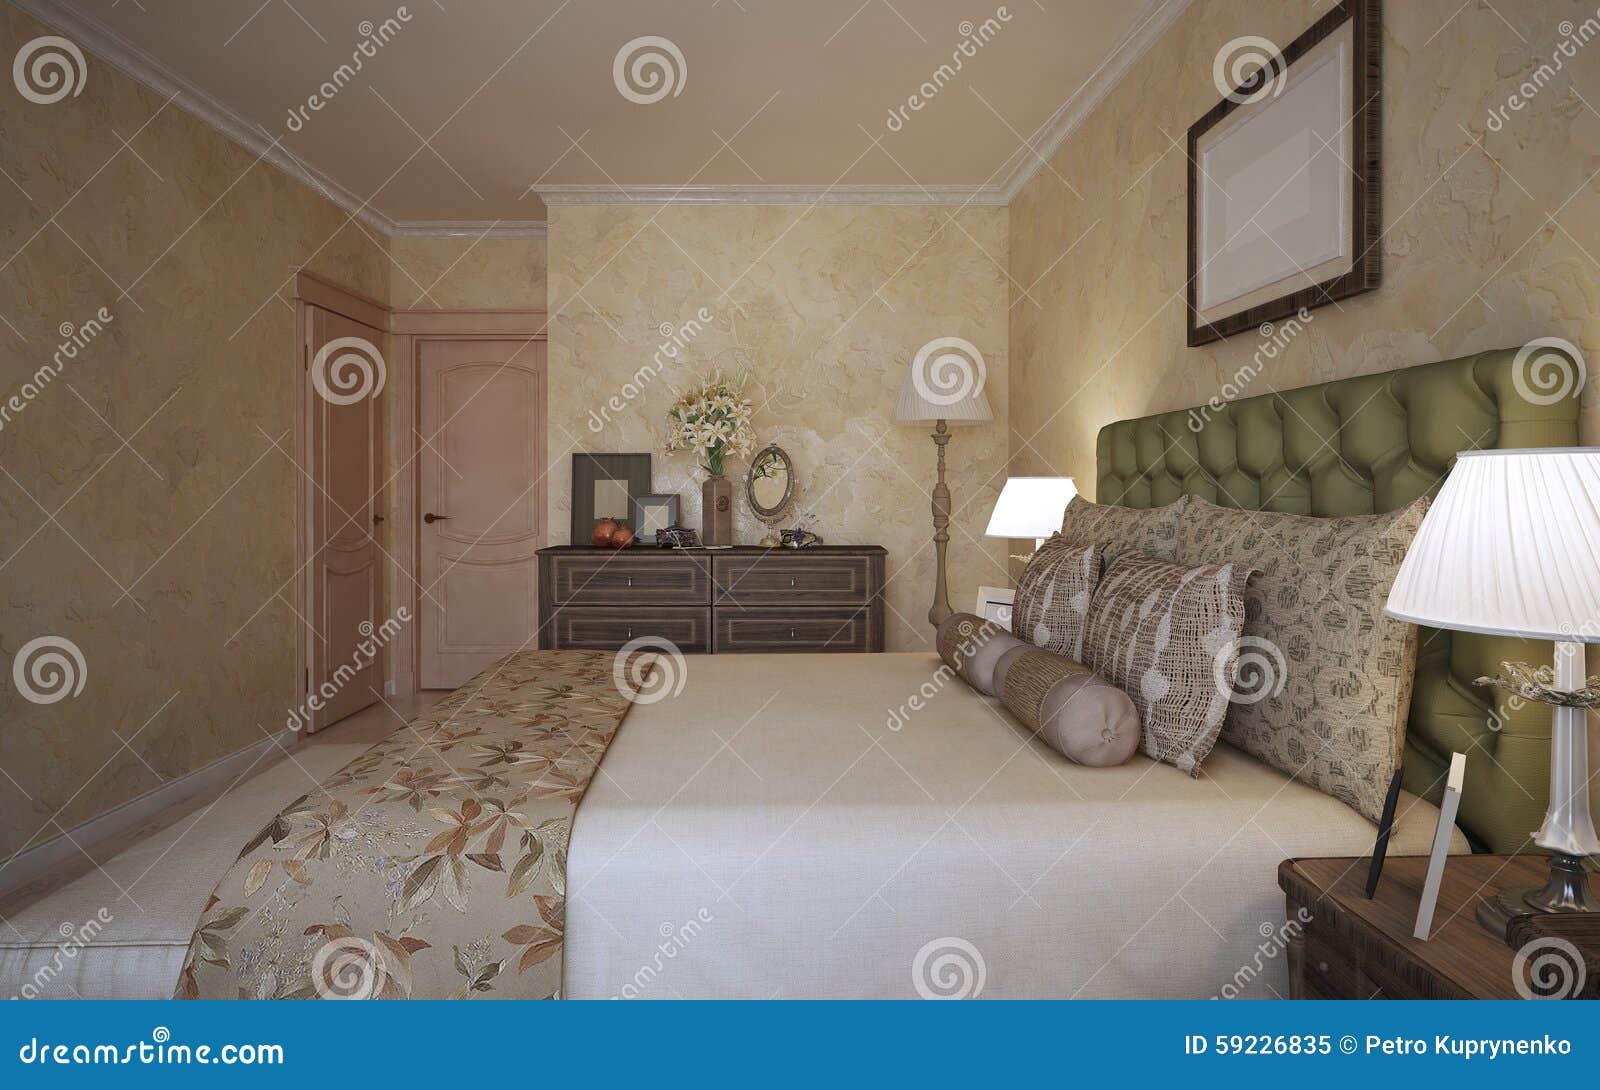 Idea del dormitorio mediterráneo